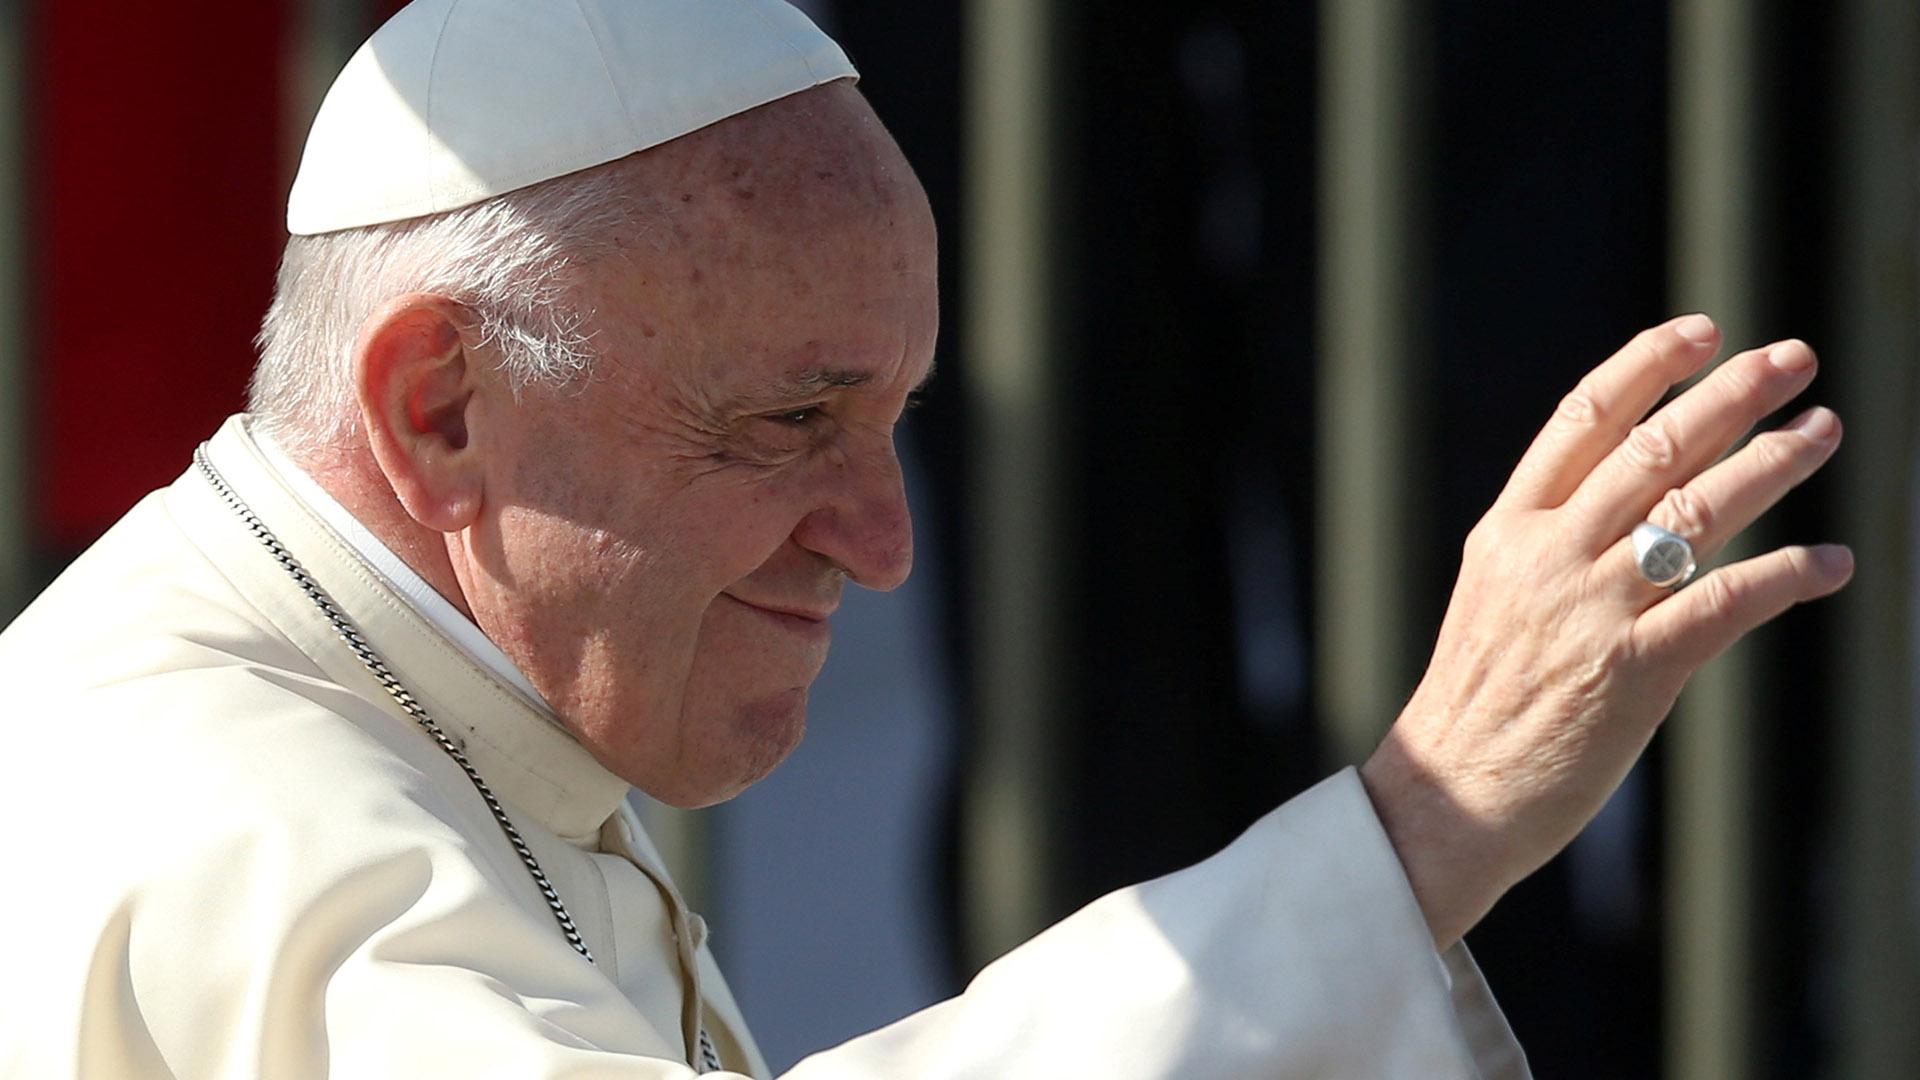 """""""Esta celebración la ofrecemos por todos los que sufrieron y murieron, y por los que cada día llevan sobre sus espaldas el peso de tantas injusticias"""", dijo el Papa (Reuters)"""